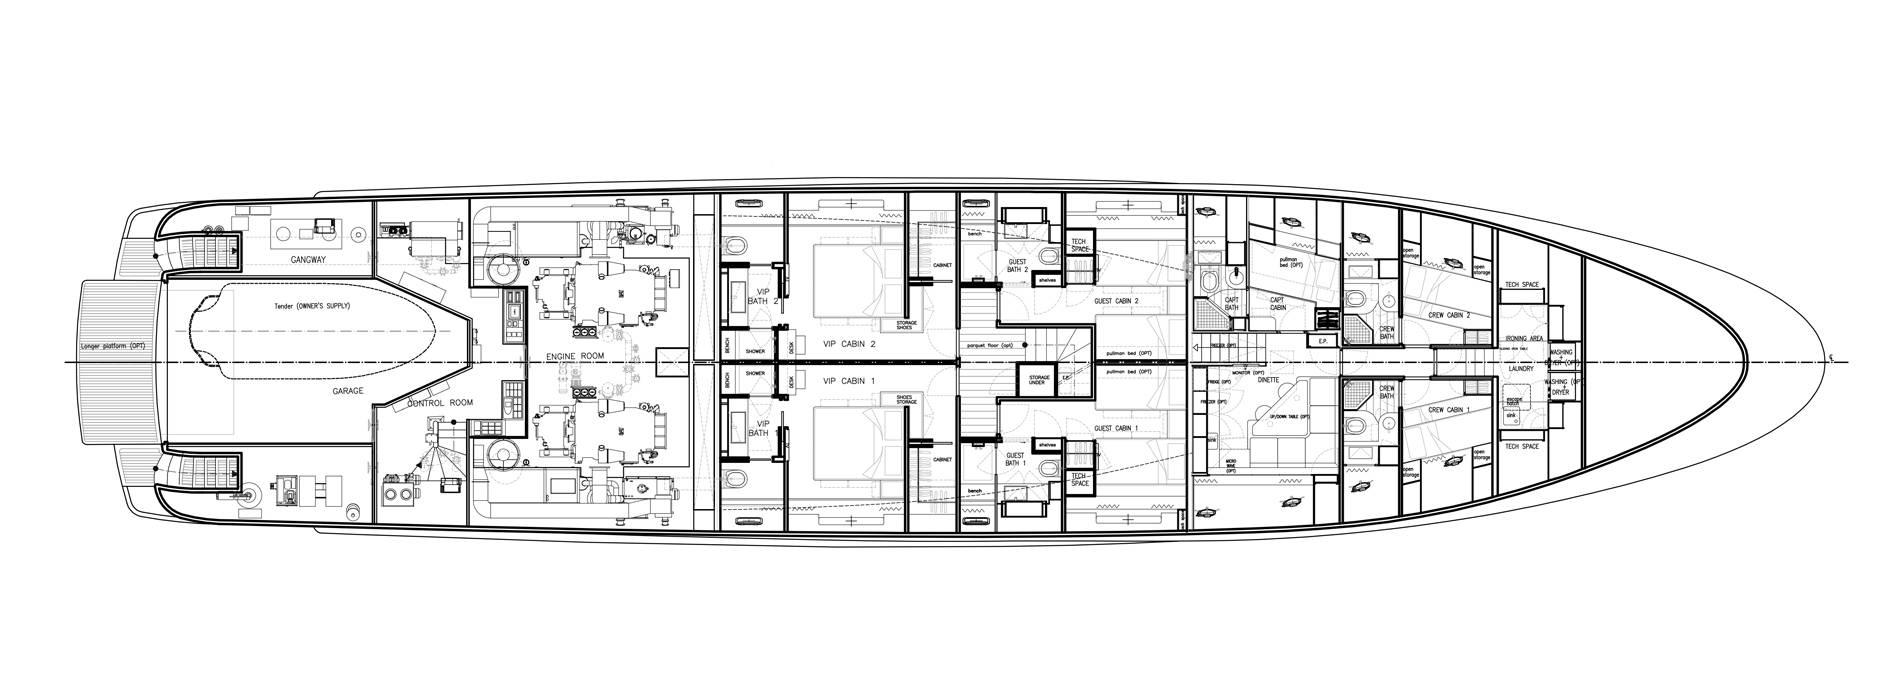 Sanlorenzo Yachts SD122-27 under offer Cubierta inferior